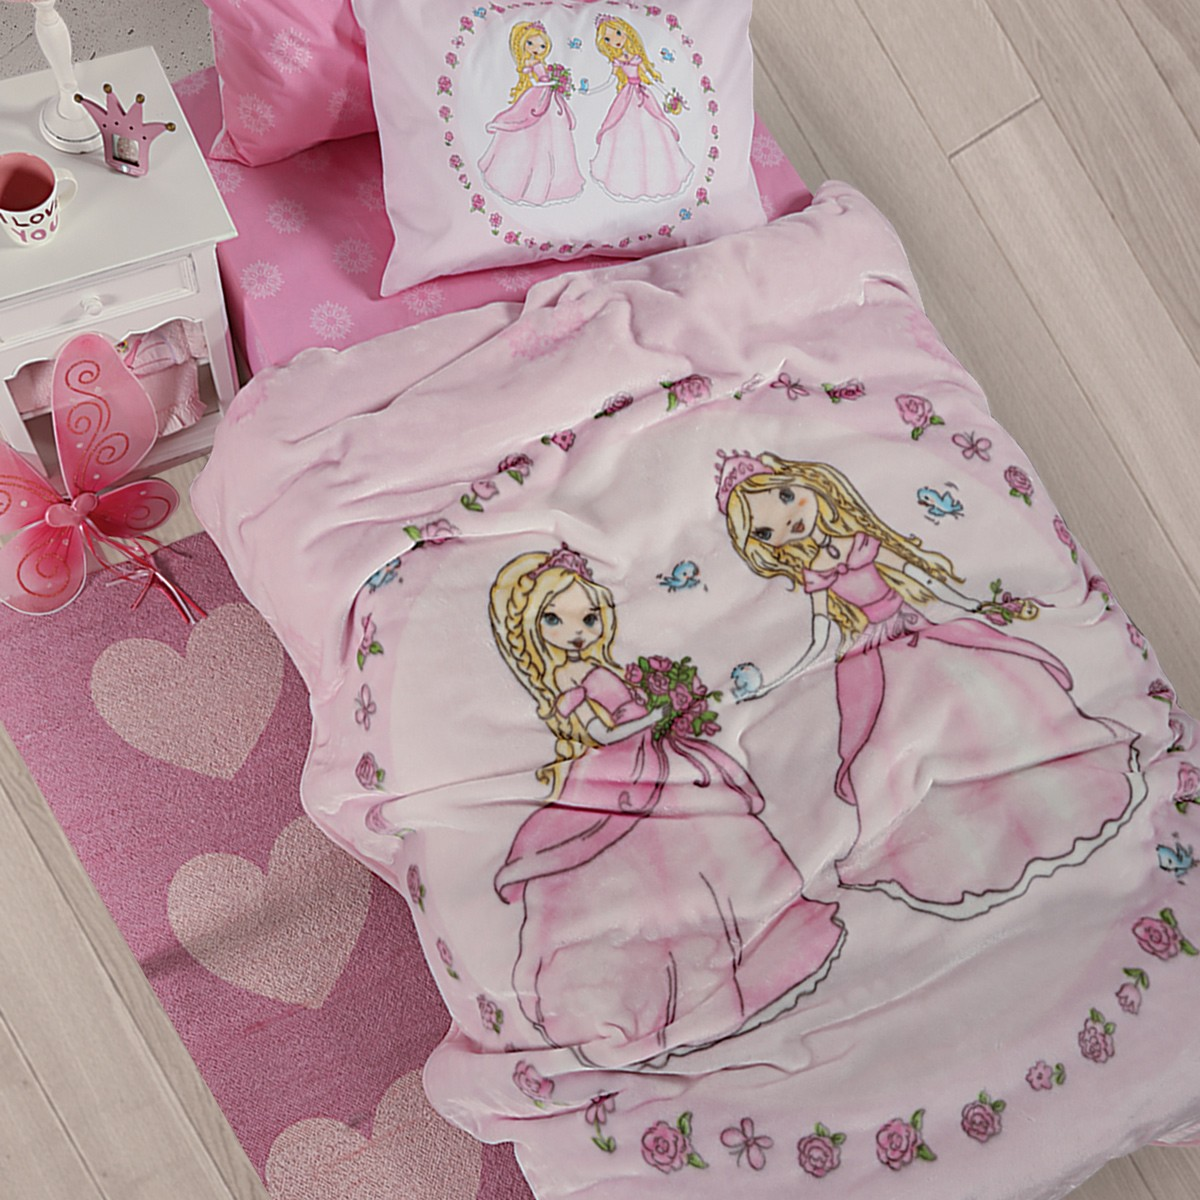 Κουβέρτα Βελουτέ Μονή Nef-Nef Junior Pretty Princess